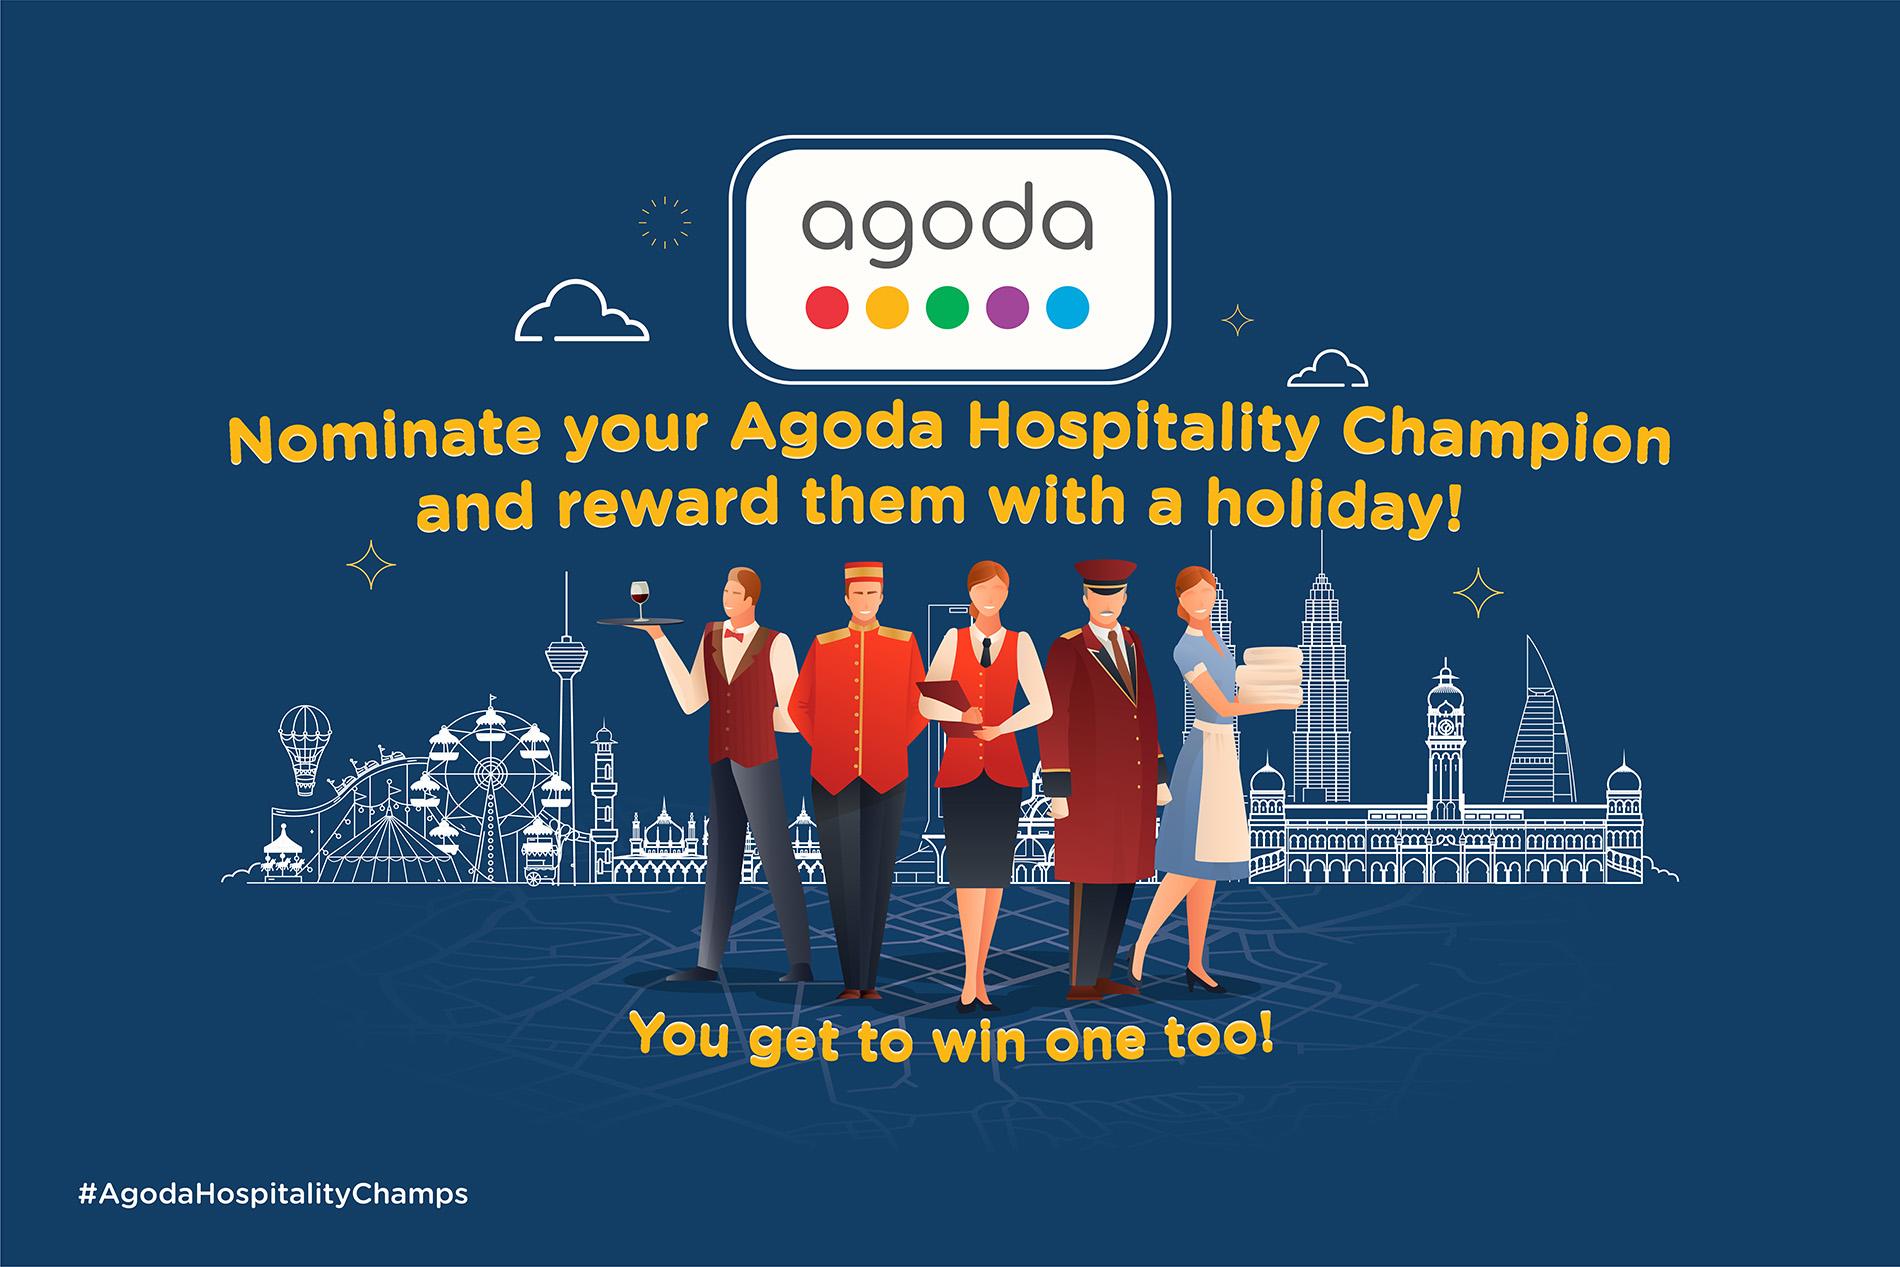 Agoda Hospitality Champion Campaign